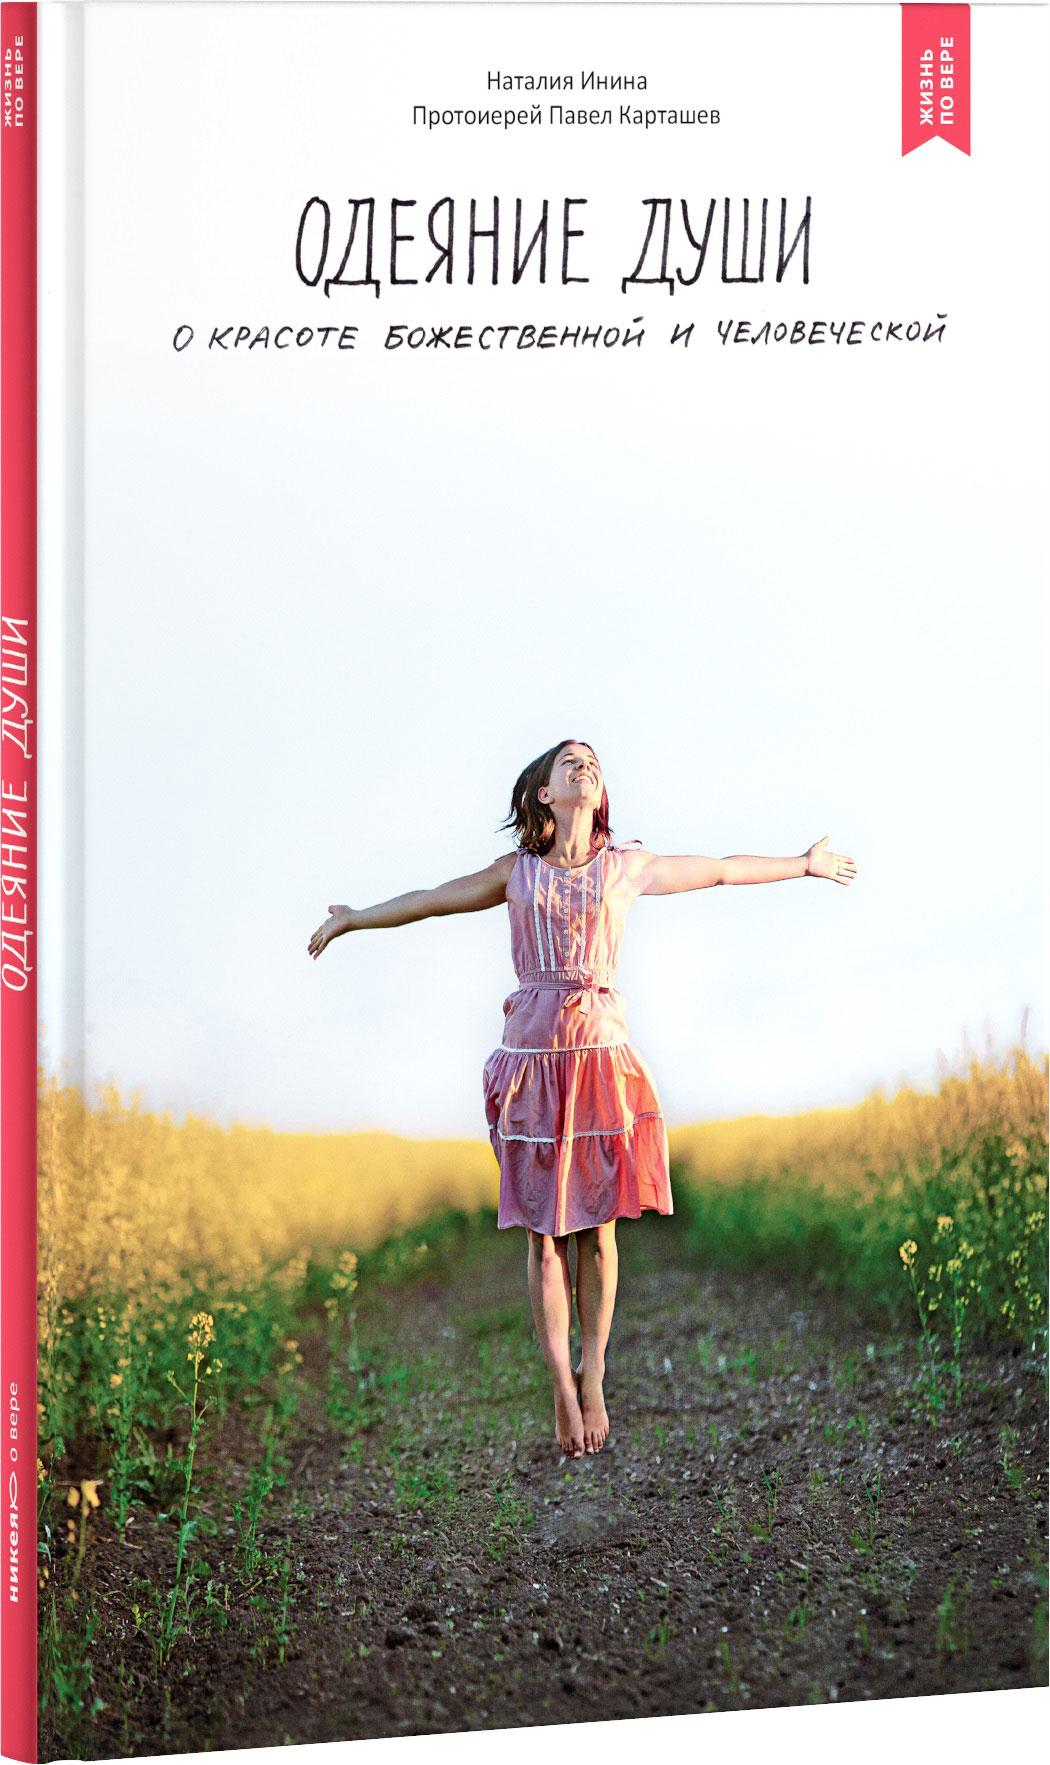 Наталья Инина, Протоиерей Павел Карташев Одеяние души. О красоте божественной и человеческой ISBN: 978-5-91761-490-8 цена